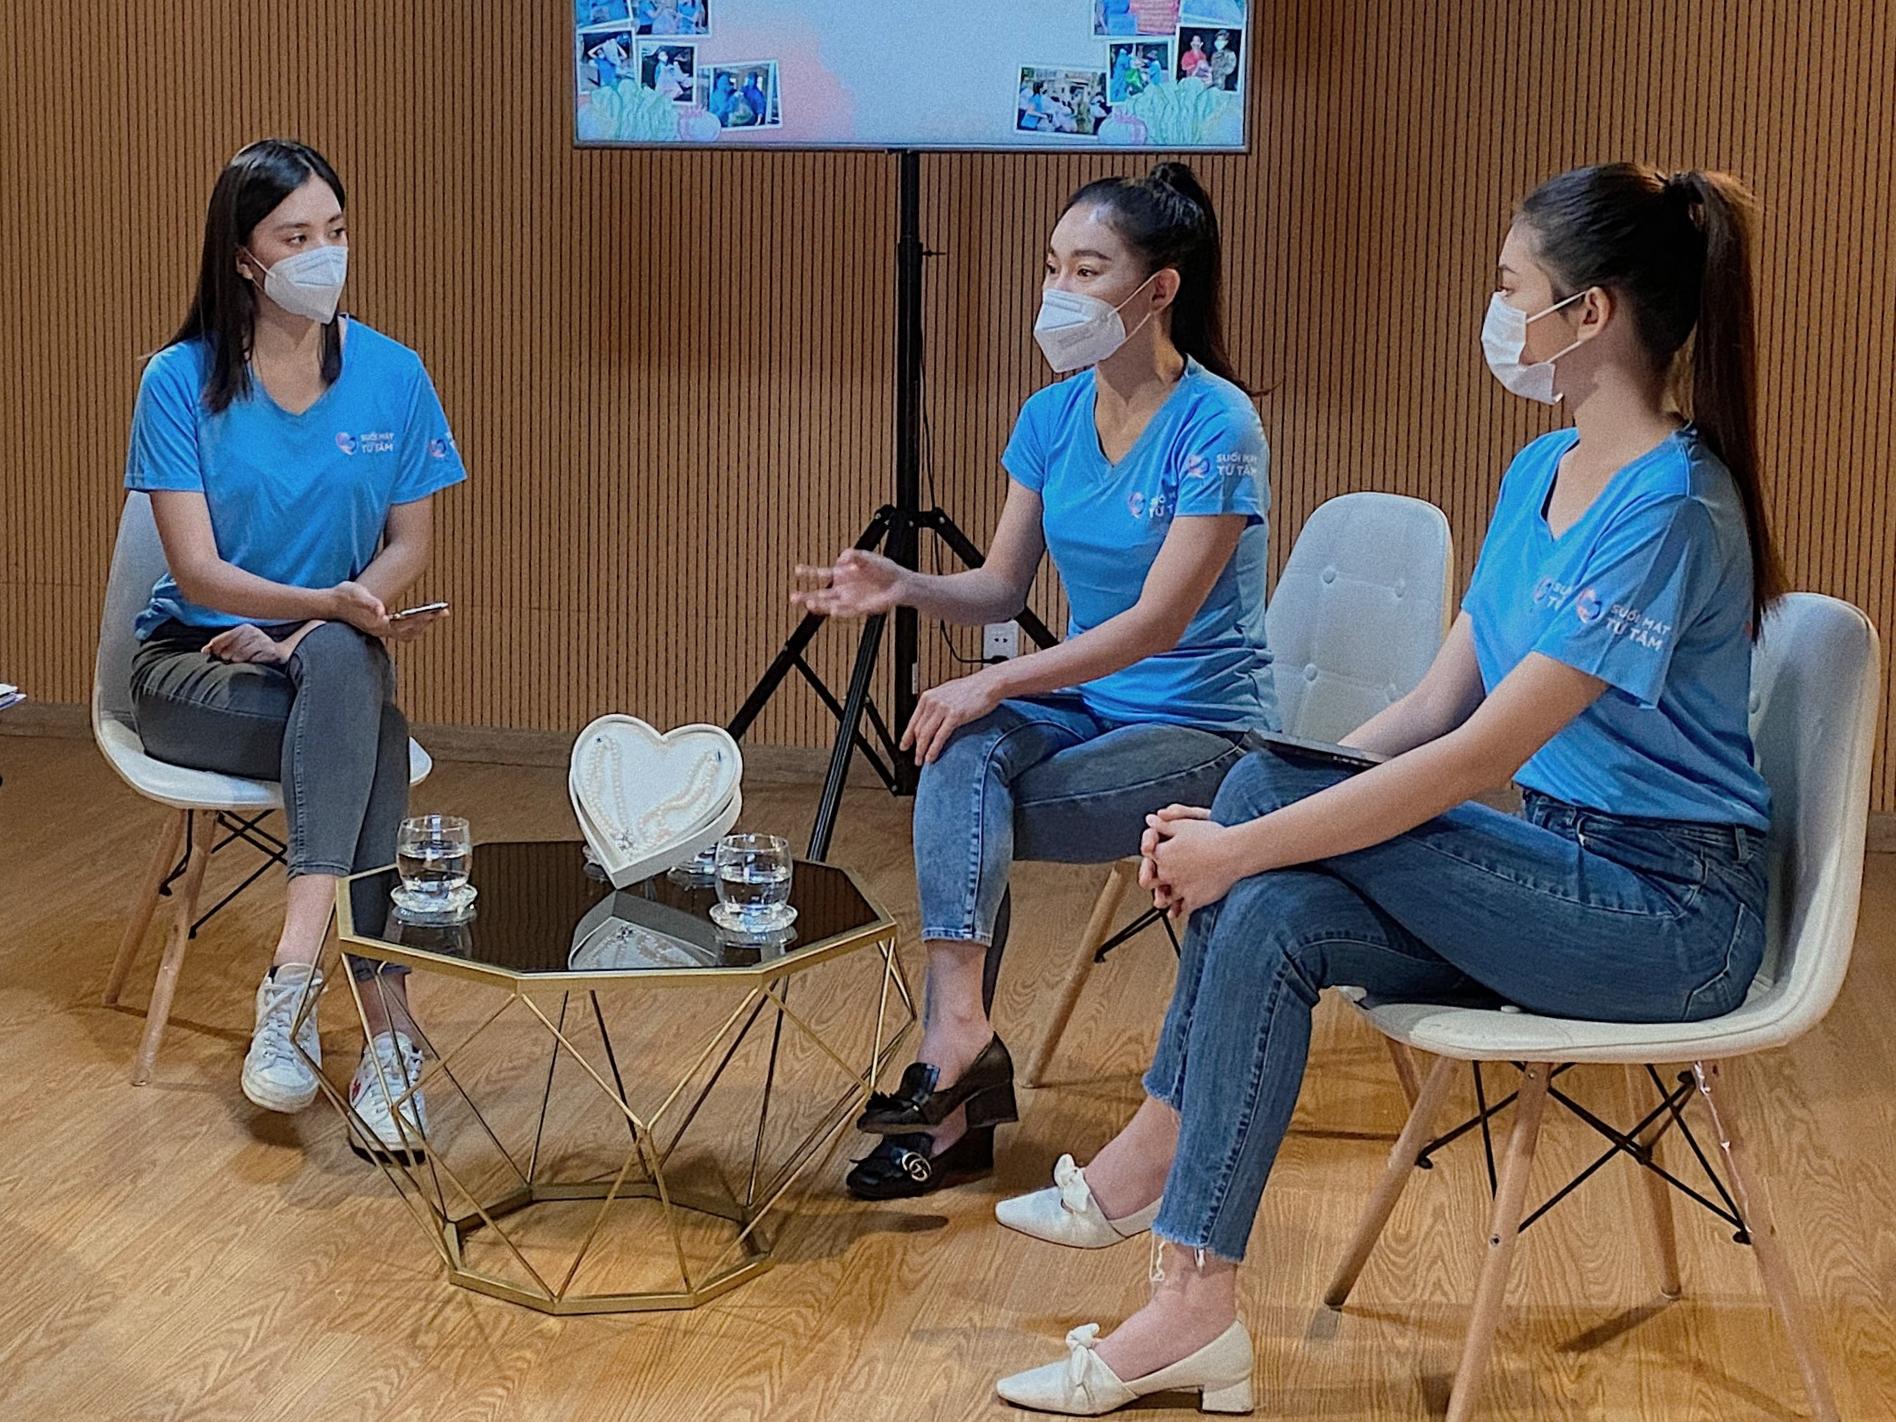 Từ trái qua, hoa hậu Tiểu Vy, chị Phạm Kim Dung, á hậu Ngọc Thảo tham dự buổi livestream.